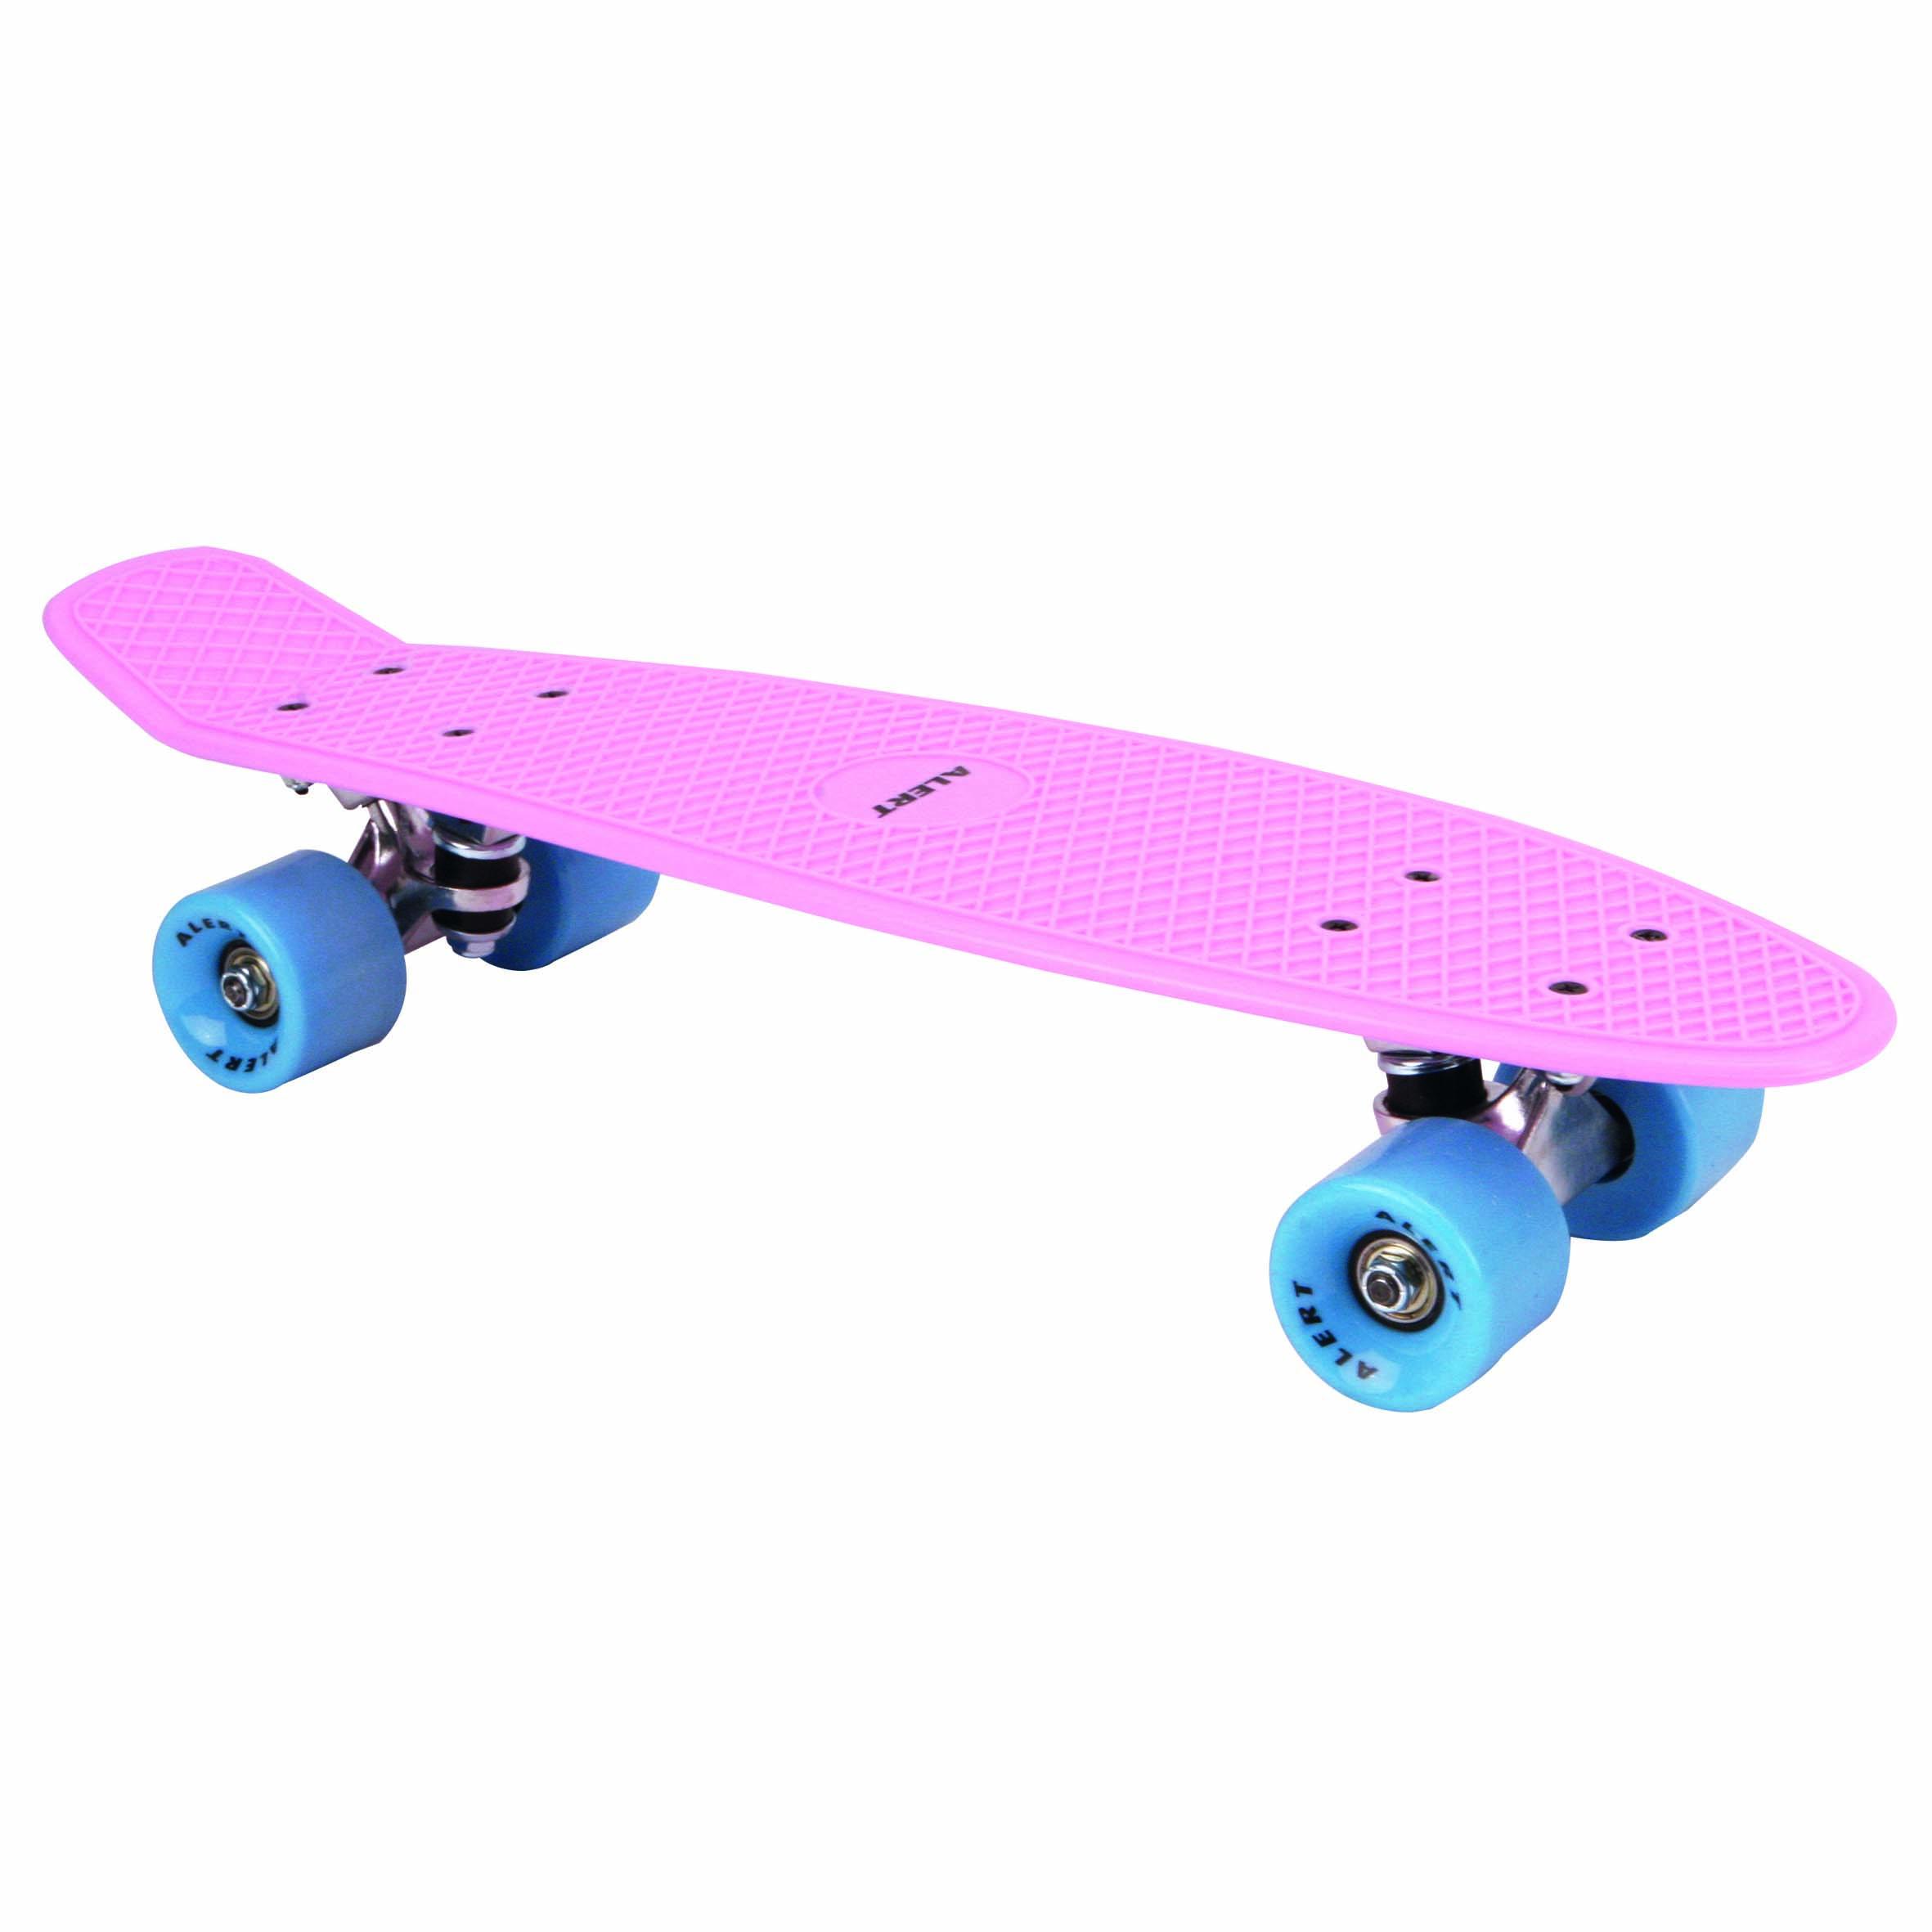 Afbeelding van Skateboard Roze 55 Cm ABEC 7 Alert